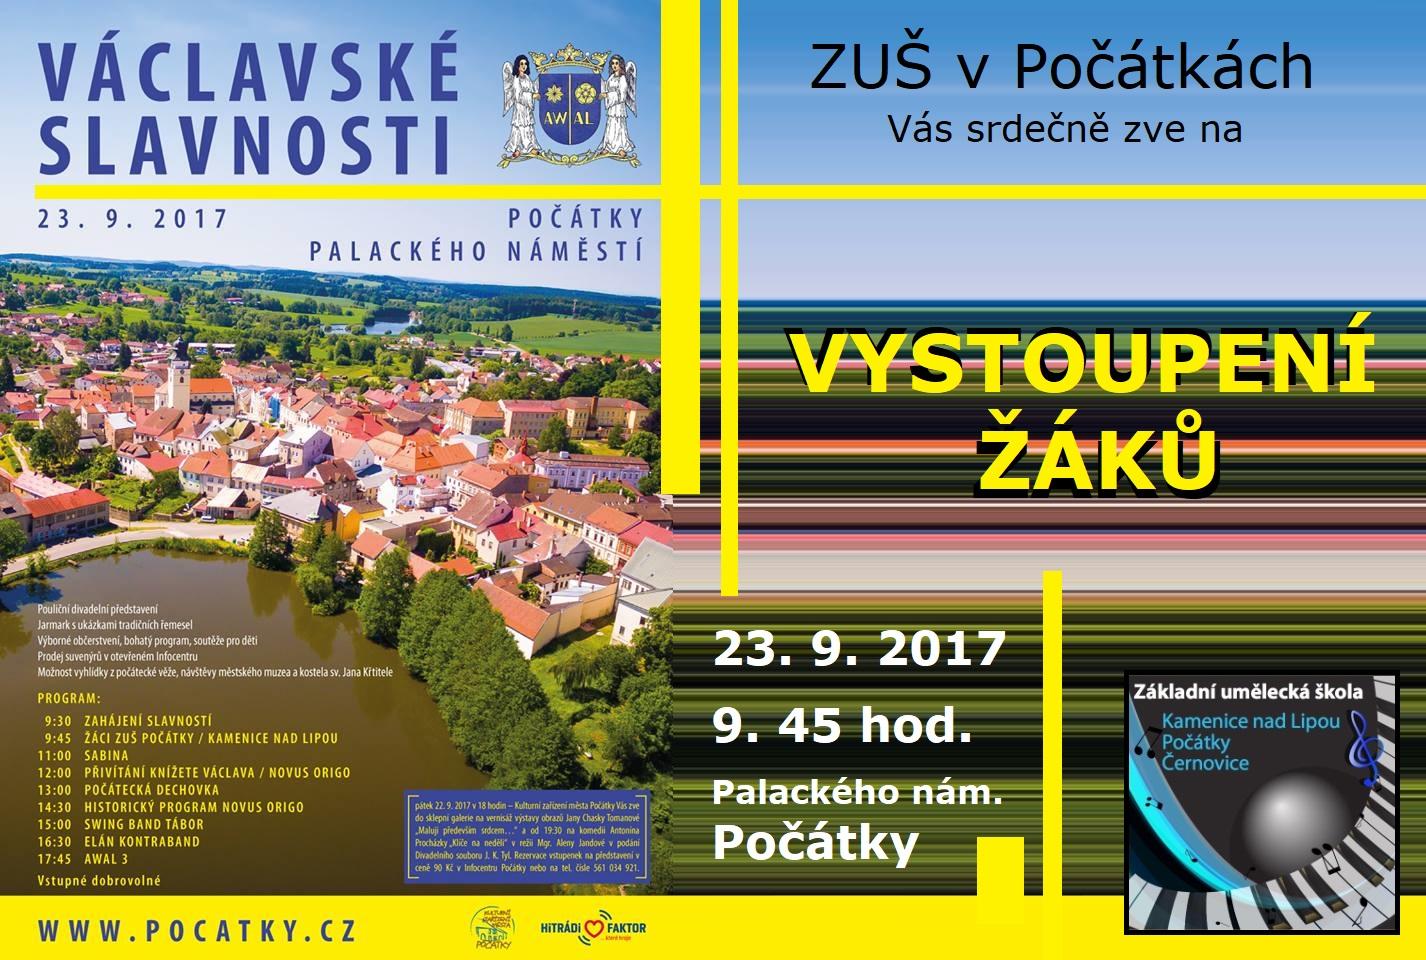 23. 9. 2017 - VYSTOUPENÍ - VÁCLAVSKÉ SLAVNOSTI POČÁTKY